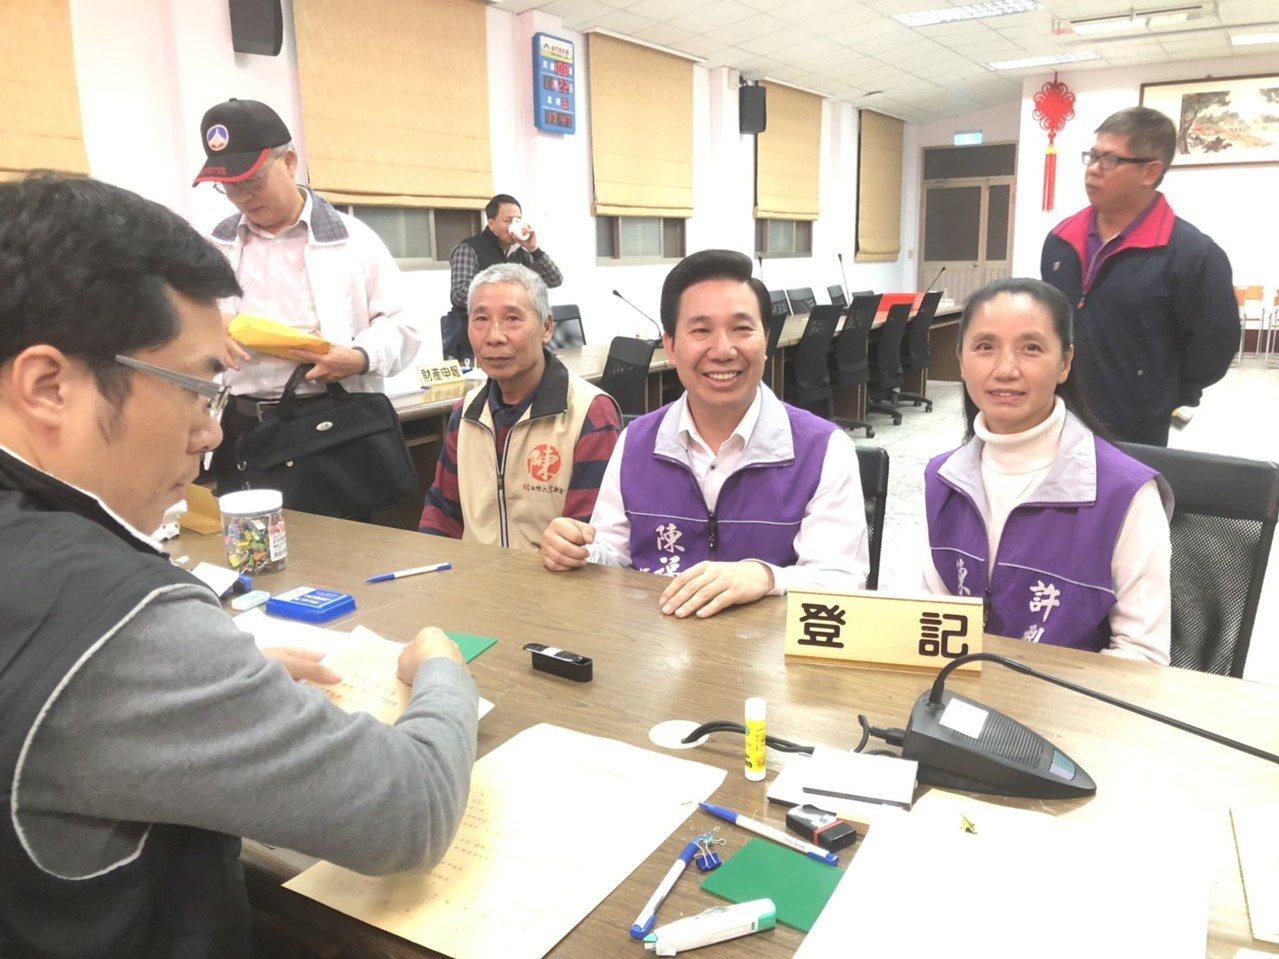 前縣長陳福海(中)也在老婆與兄長的陪同下參選立委,壓軸完成登記。記者蔡家蓁/攝影